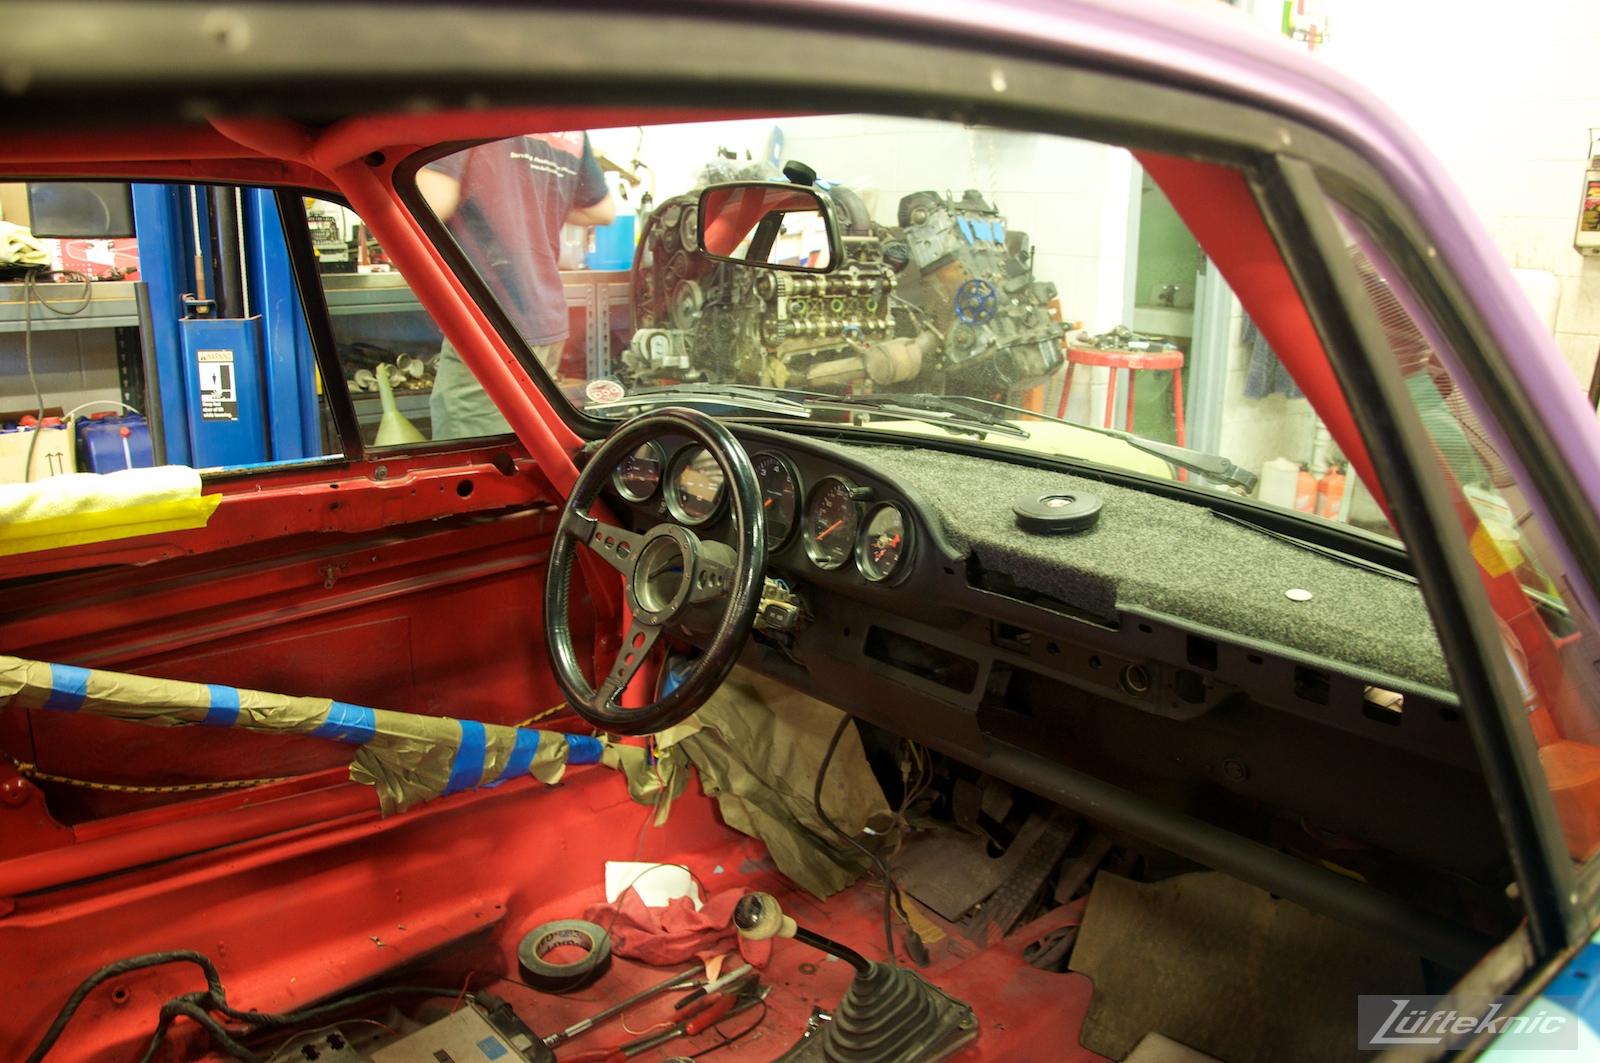 The spartan interior of the Lüfteknic #projectstuka Porsche 930 Turbo